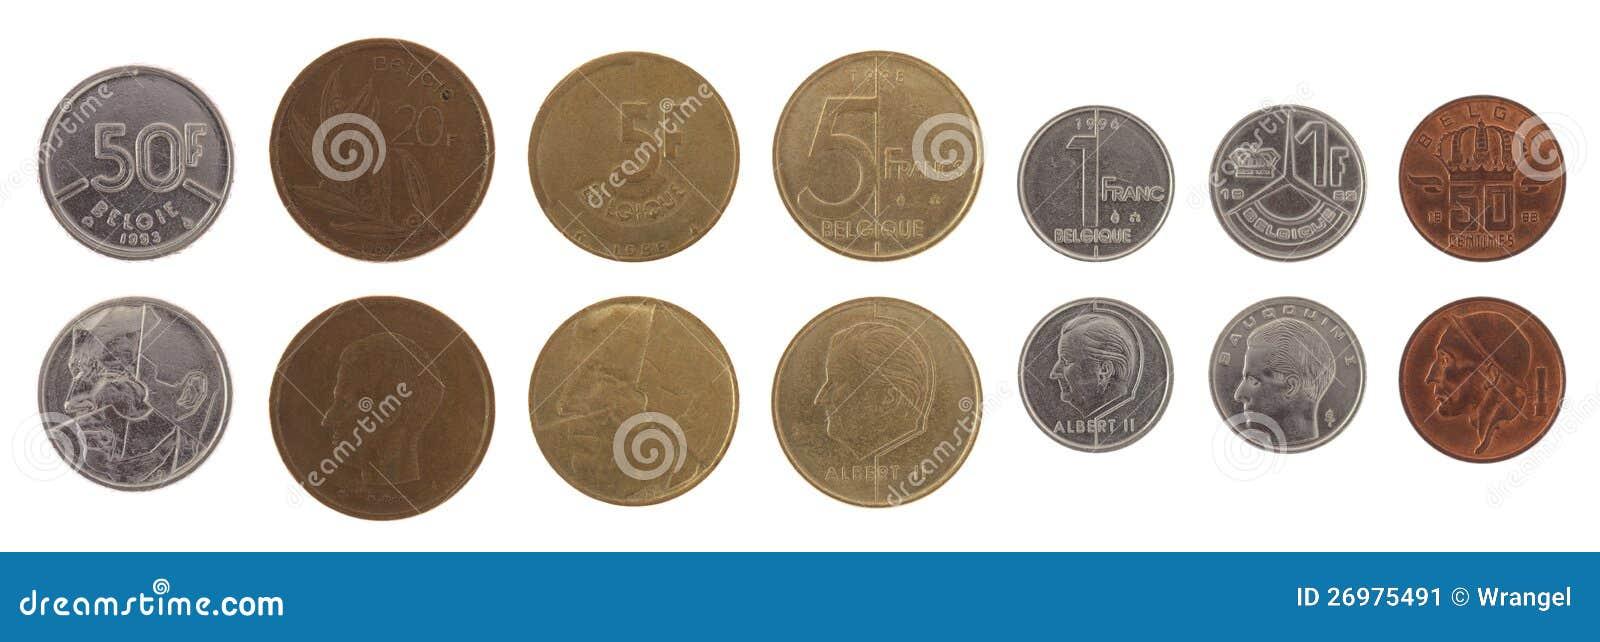 Alte Belgische Münzen Getrennt Auf Weiß Stockbild Bild Von Viele